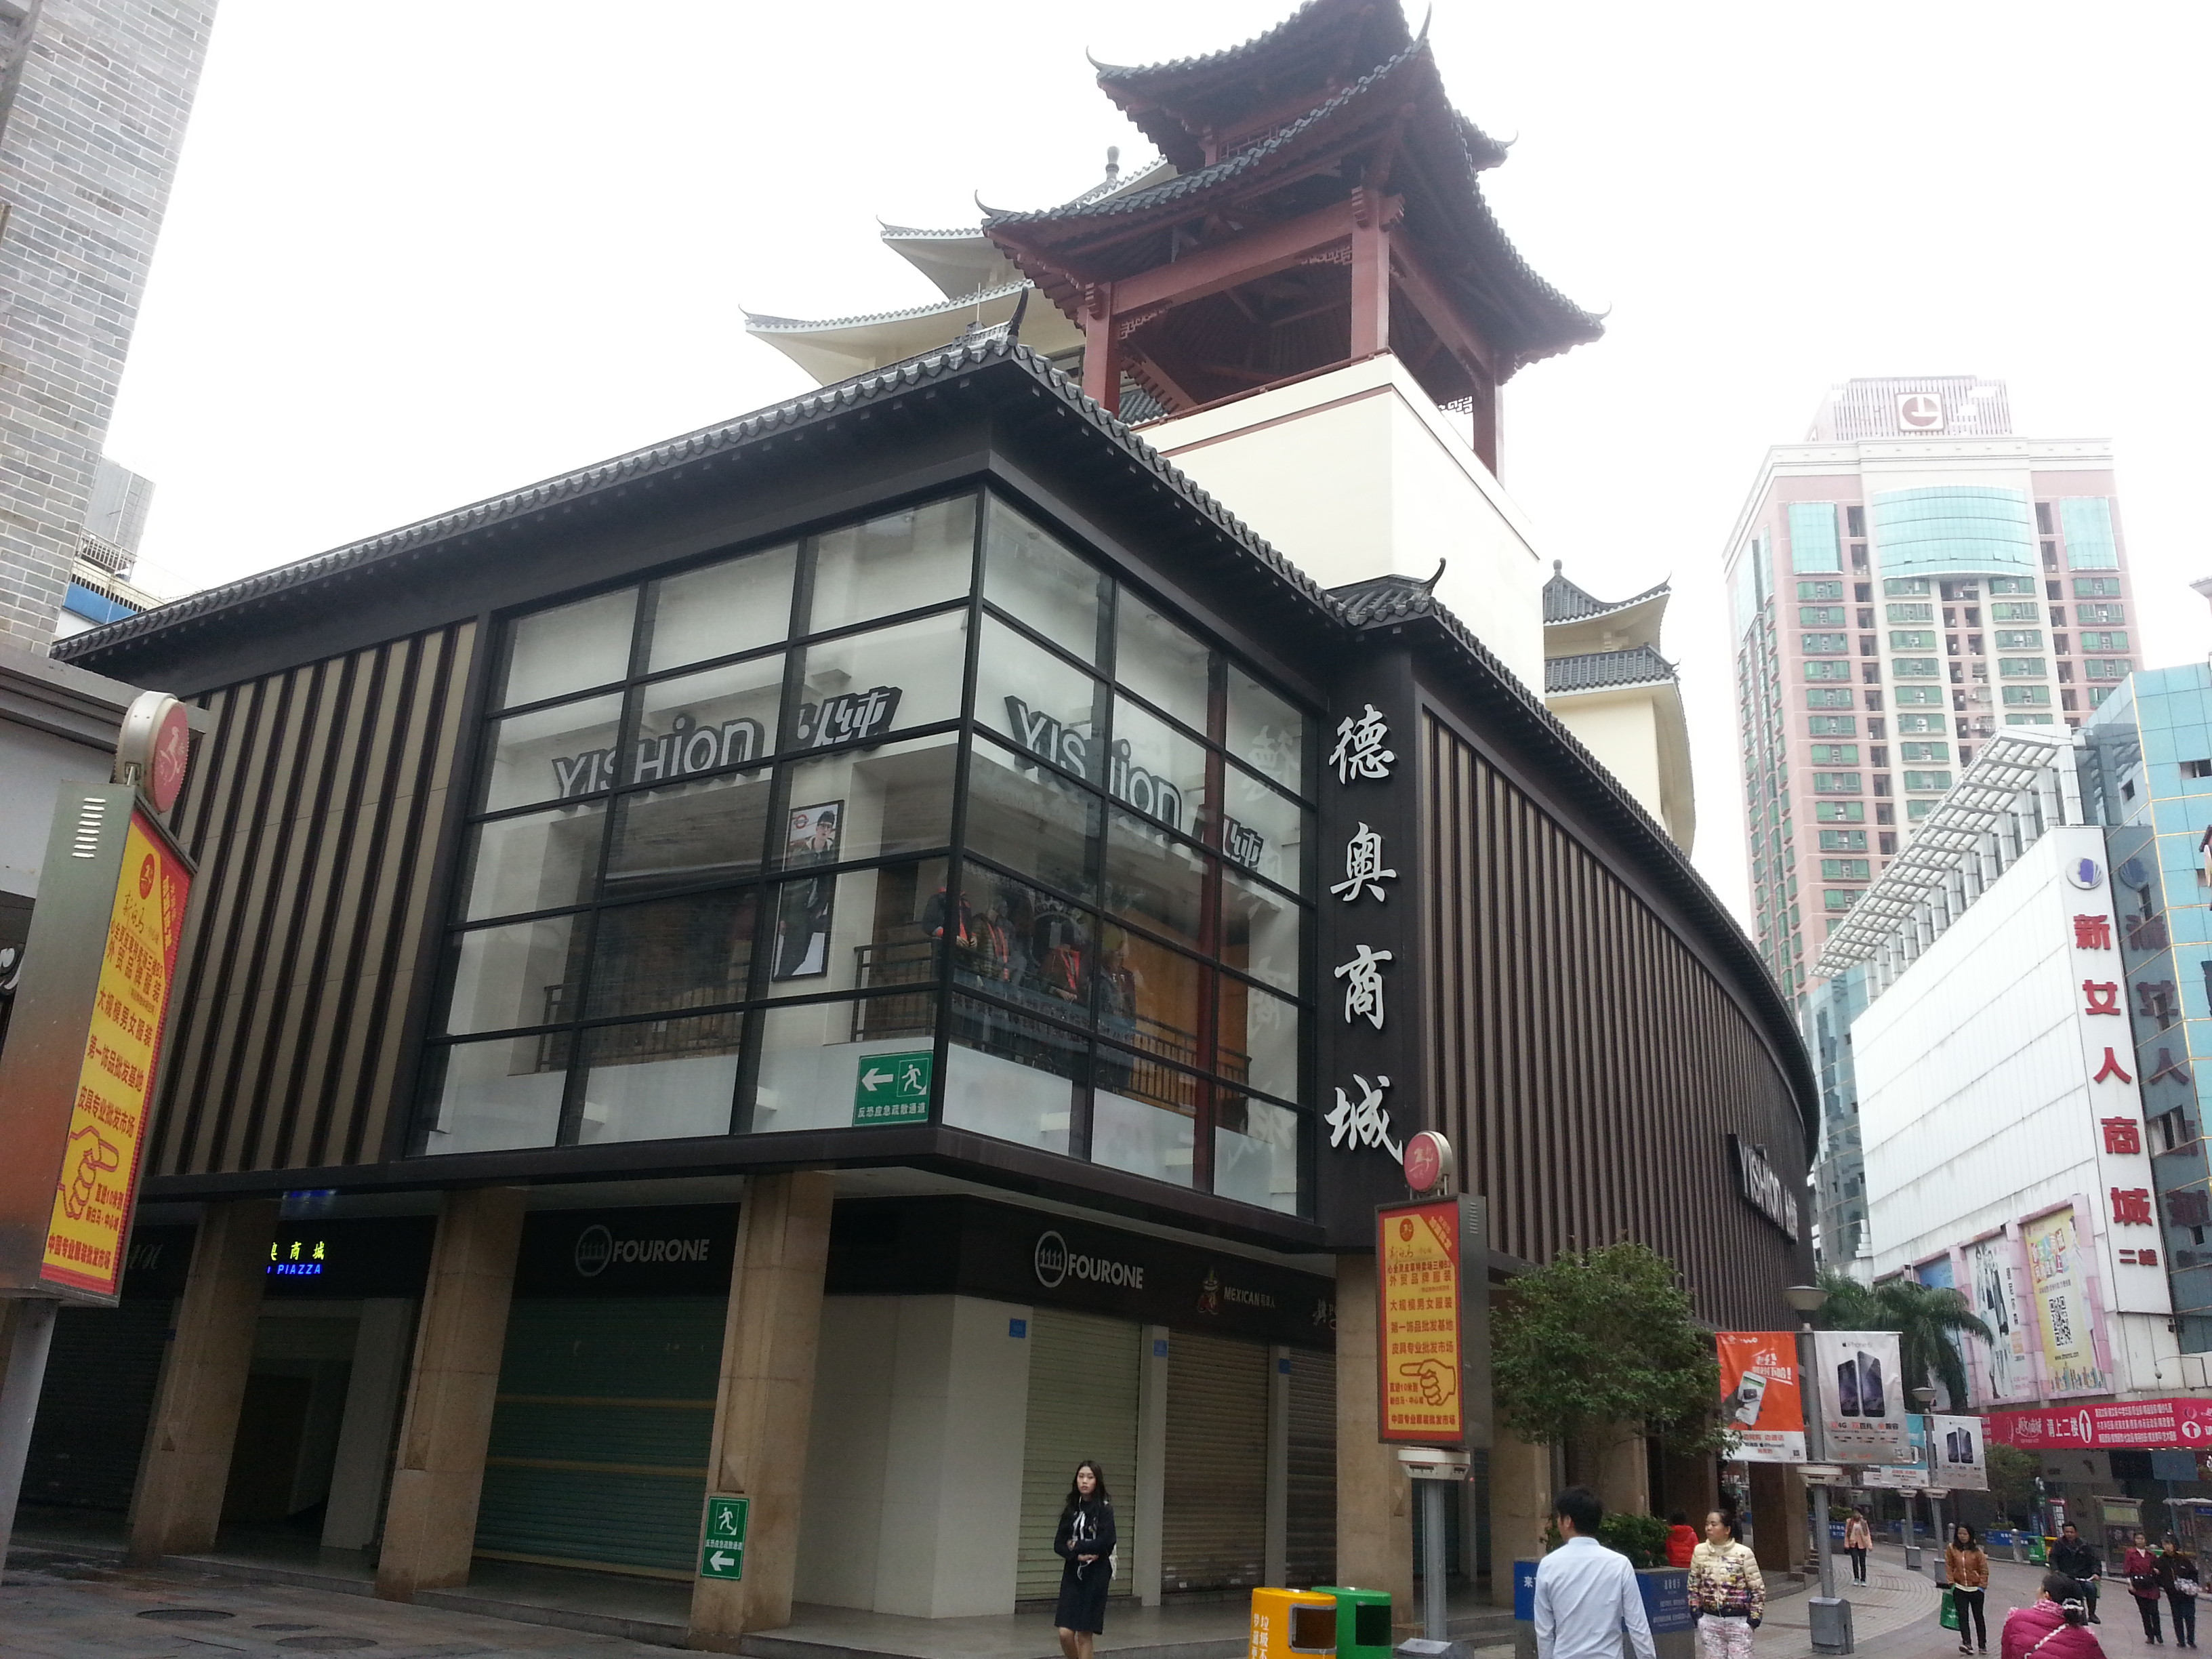 深圳德奥商城商业街景观